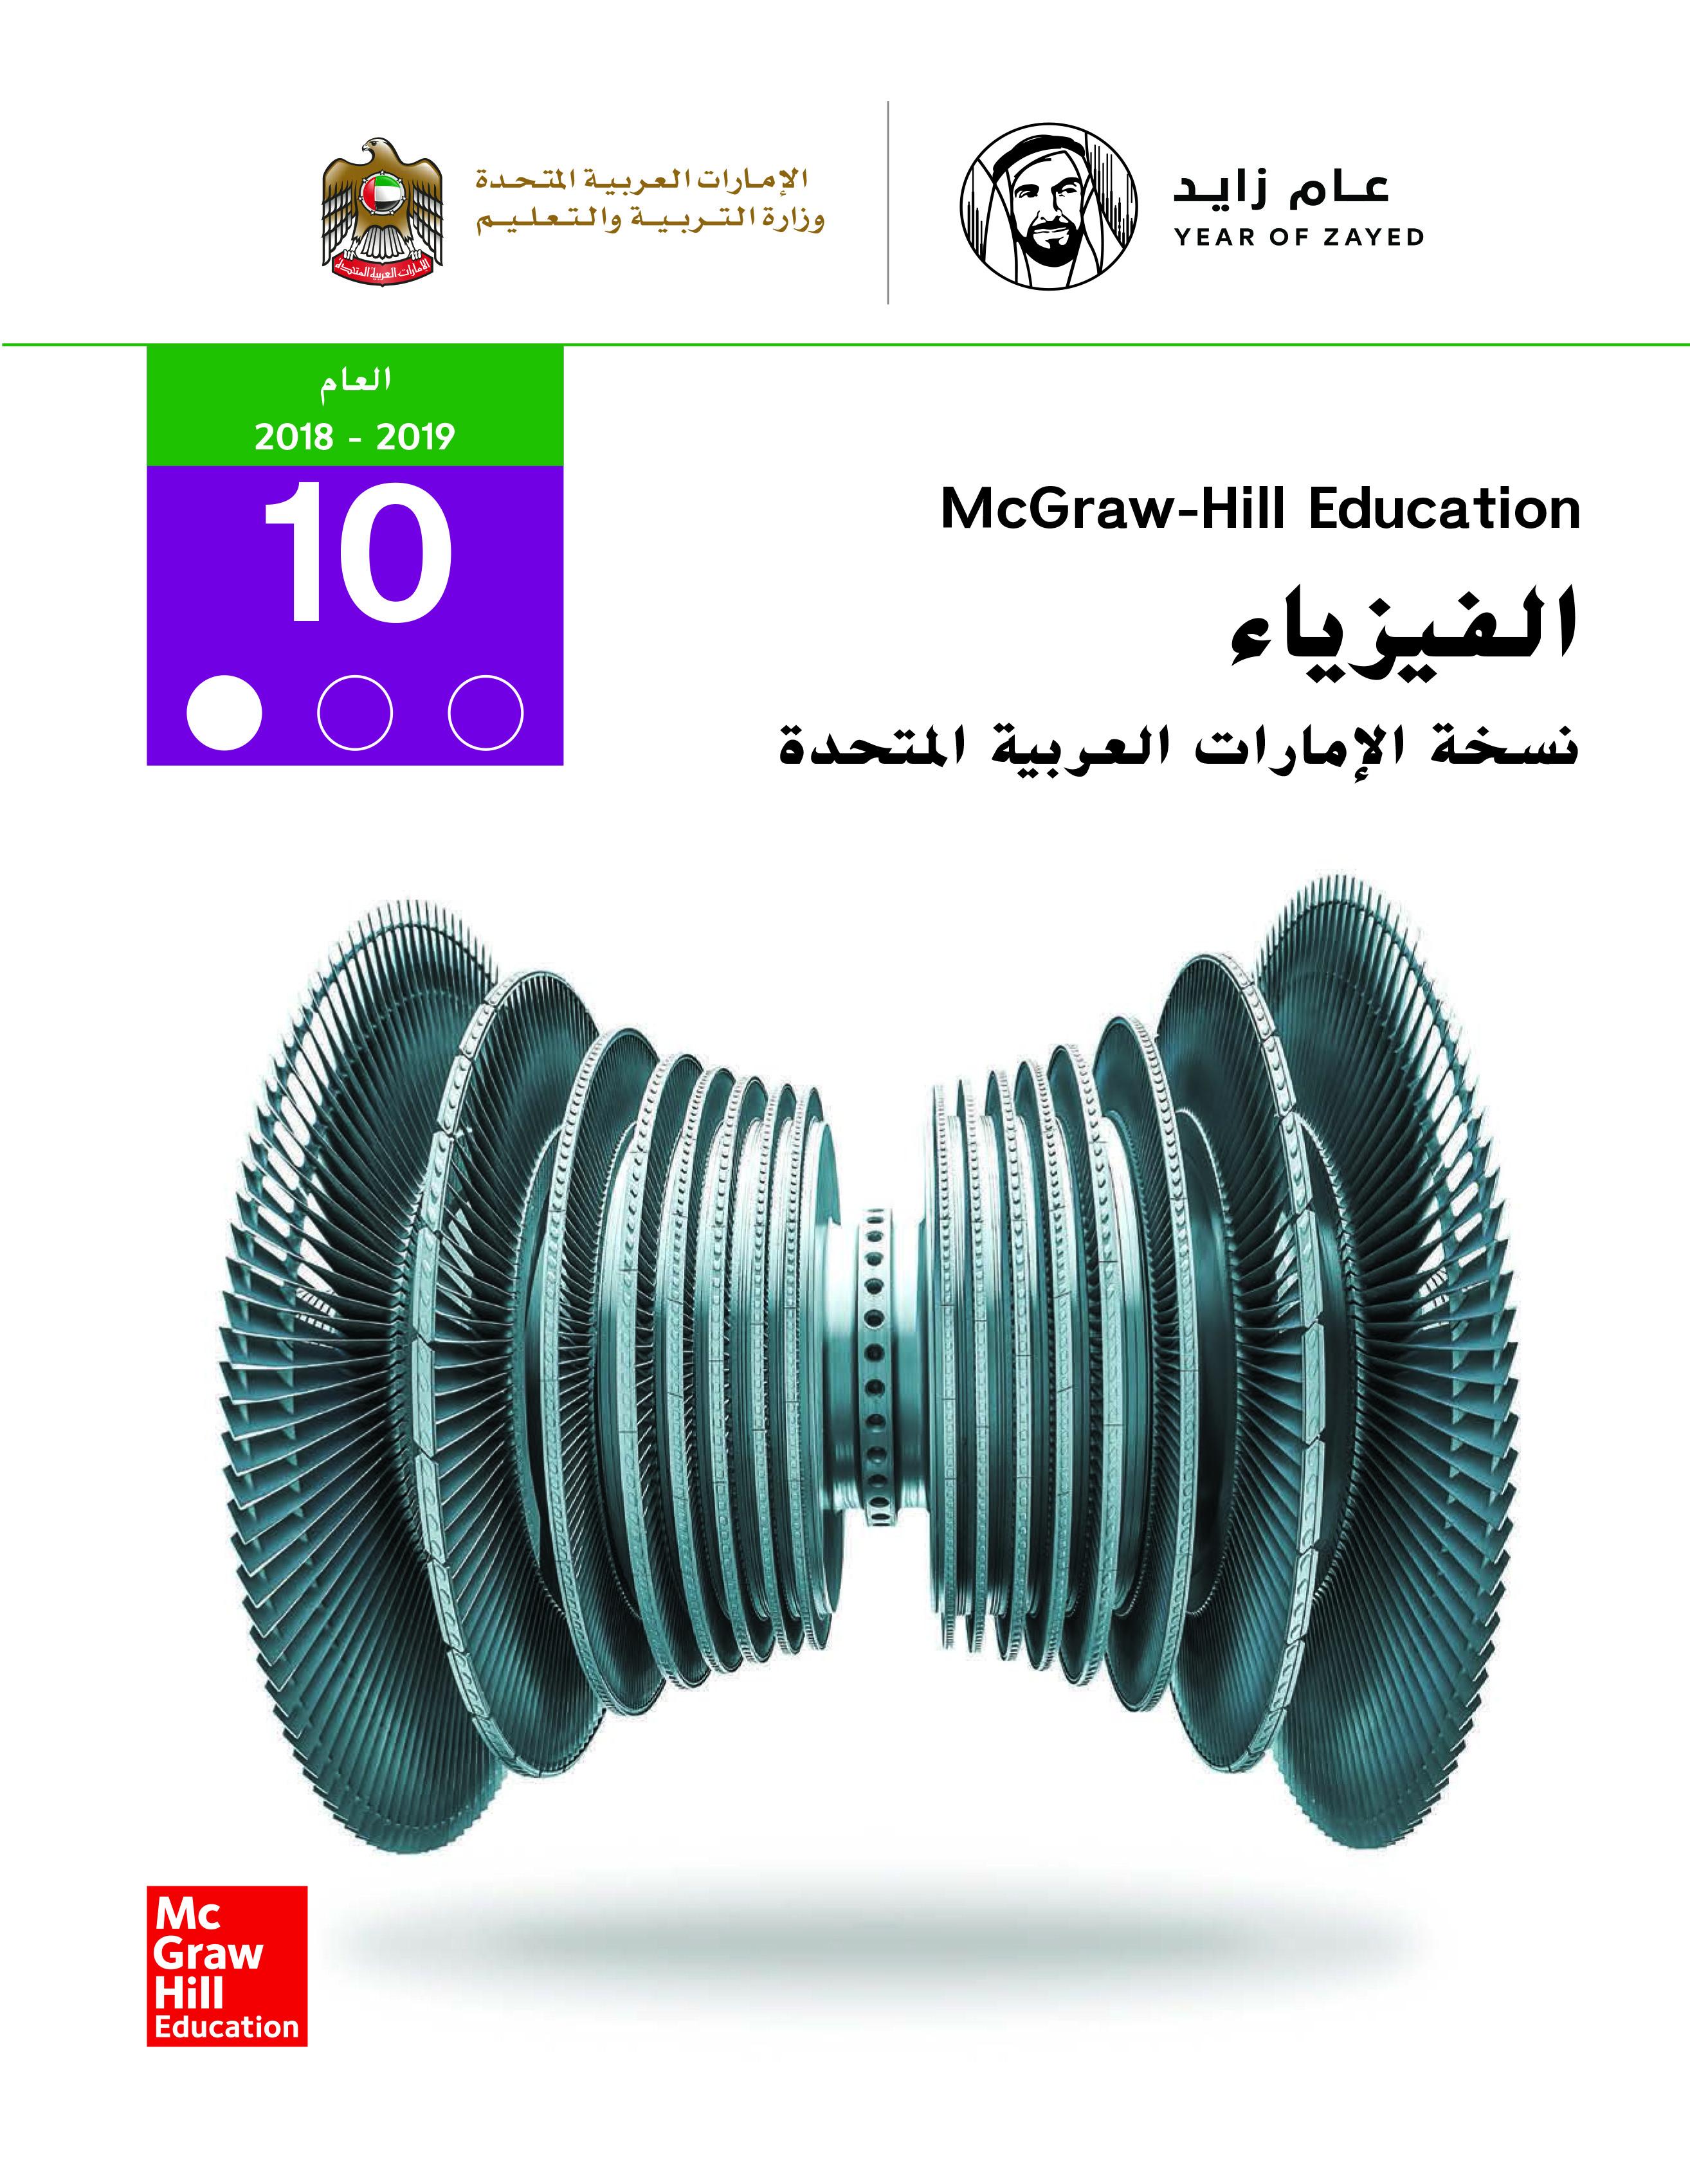 الفيزياء - كتاب الطالب - الصف العاشر العام  - الجزء الأول